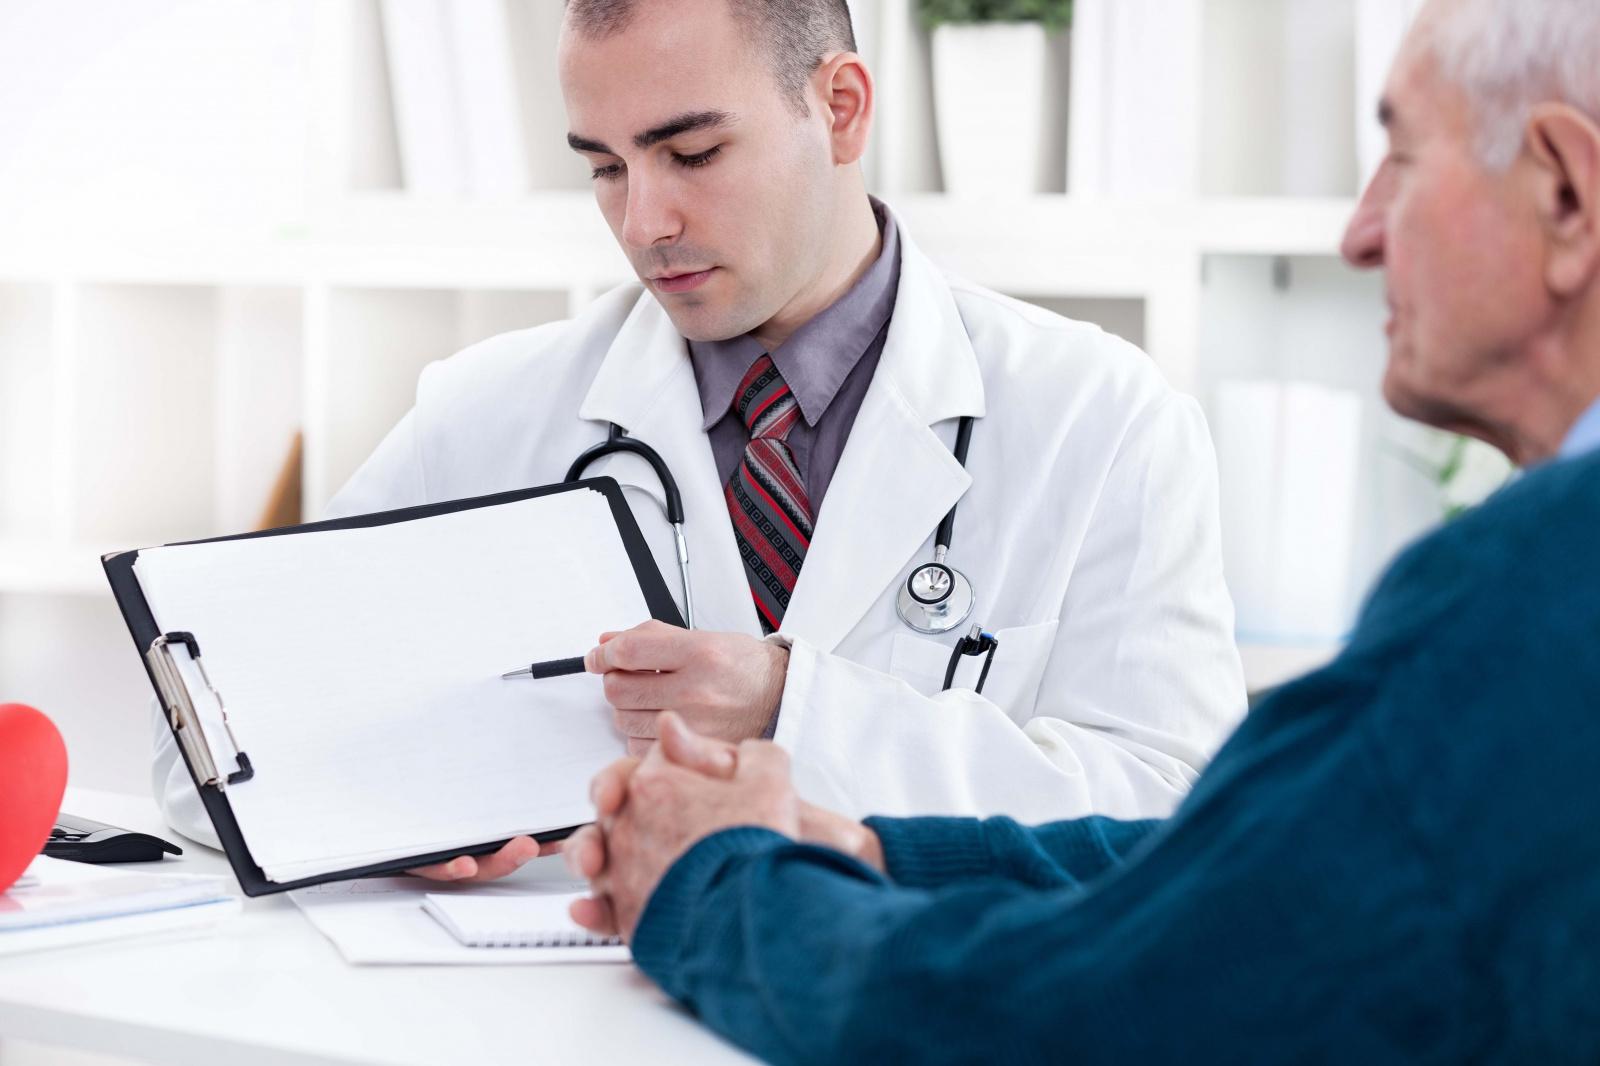 Добро пожаловать в клинику семейной медицины Family Clinic